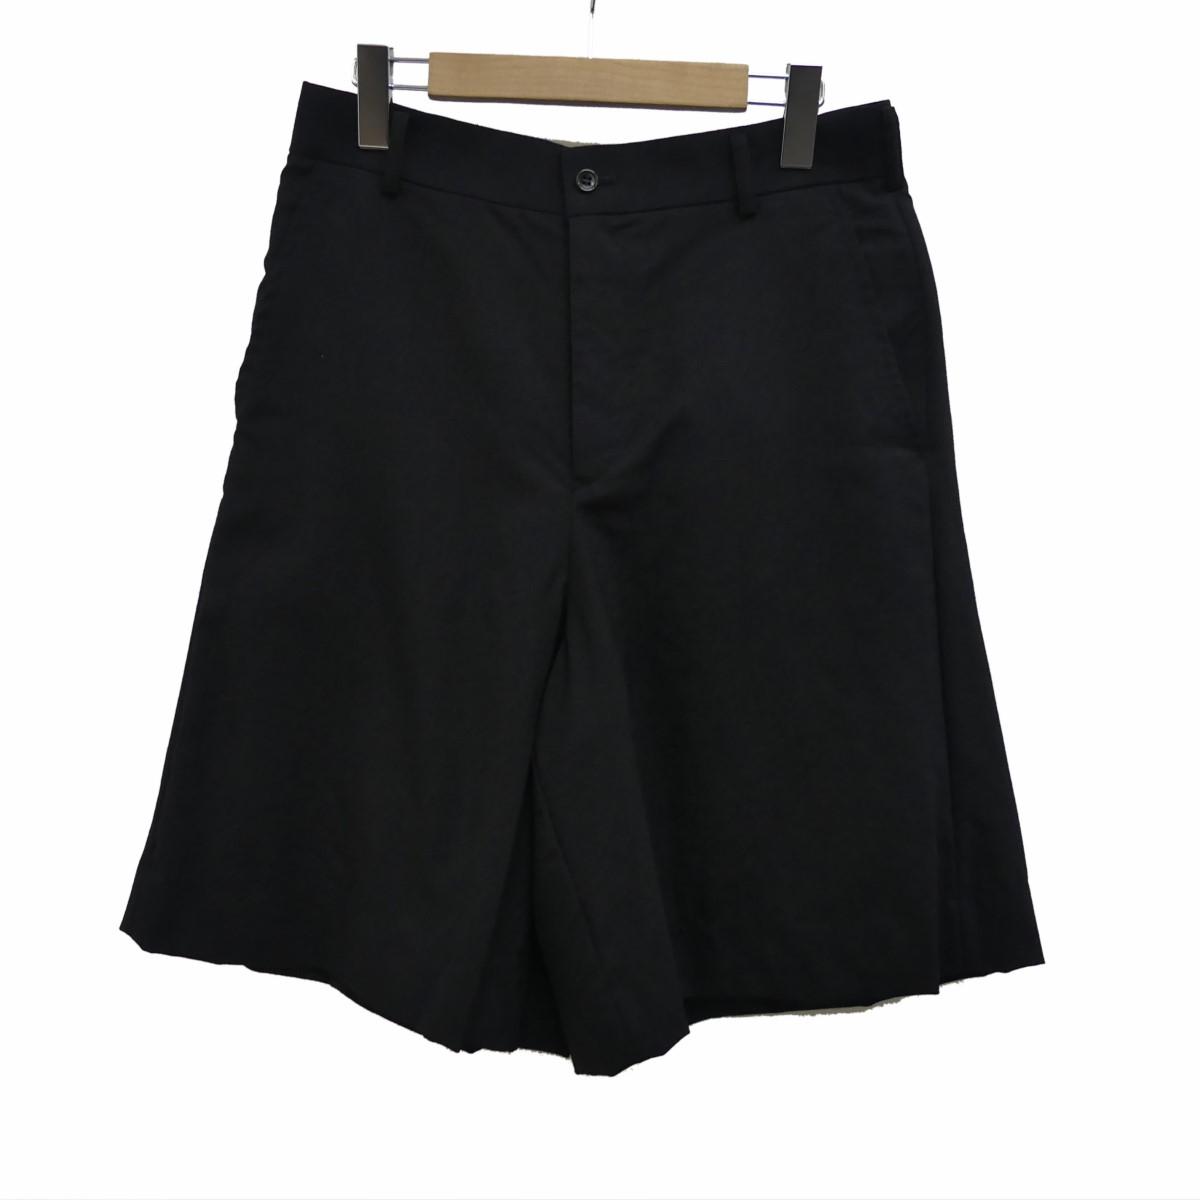 【中古】BLACK COMME des GARCONS ウールショートパンツ ブラック サイズ:M 【270320】(ブラック コムデギャルソン)